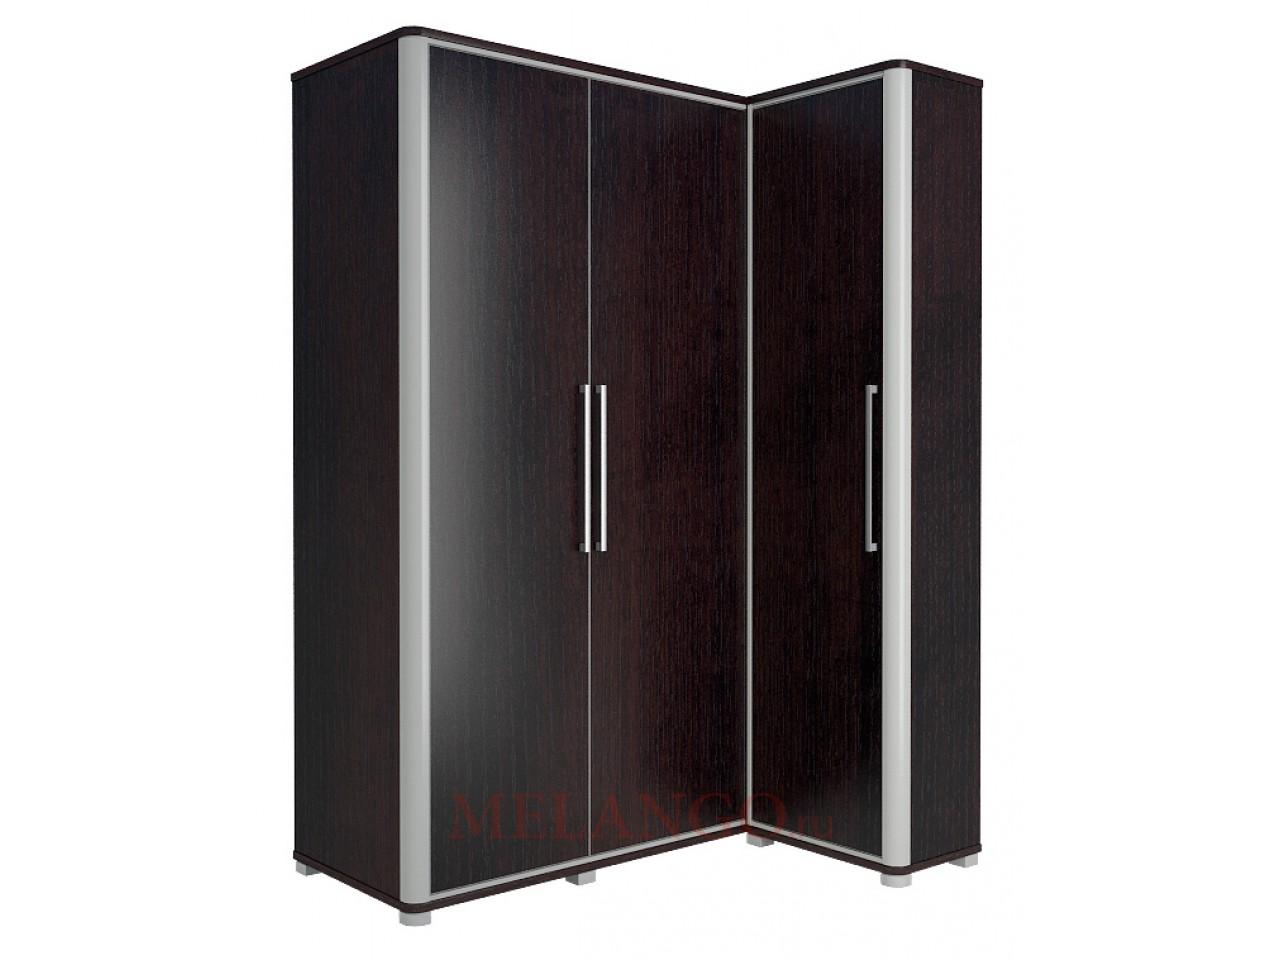 Трехстворчатый угловой шкаф для одежды и белья в спальню Наоми МН-021-05